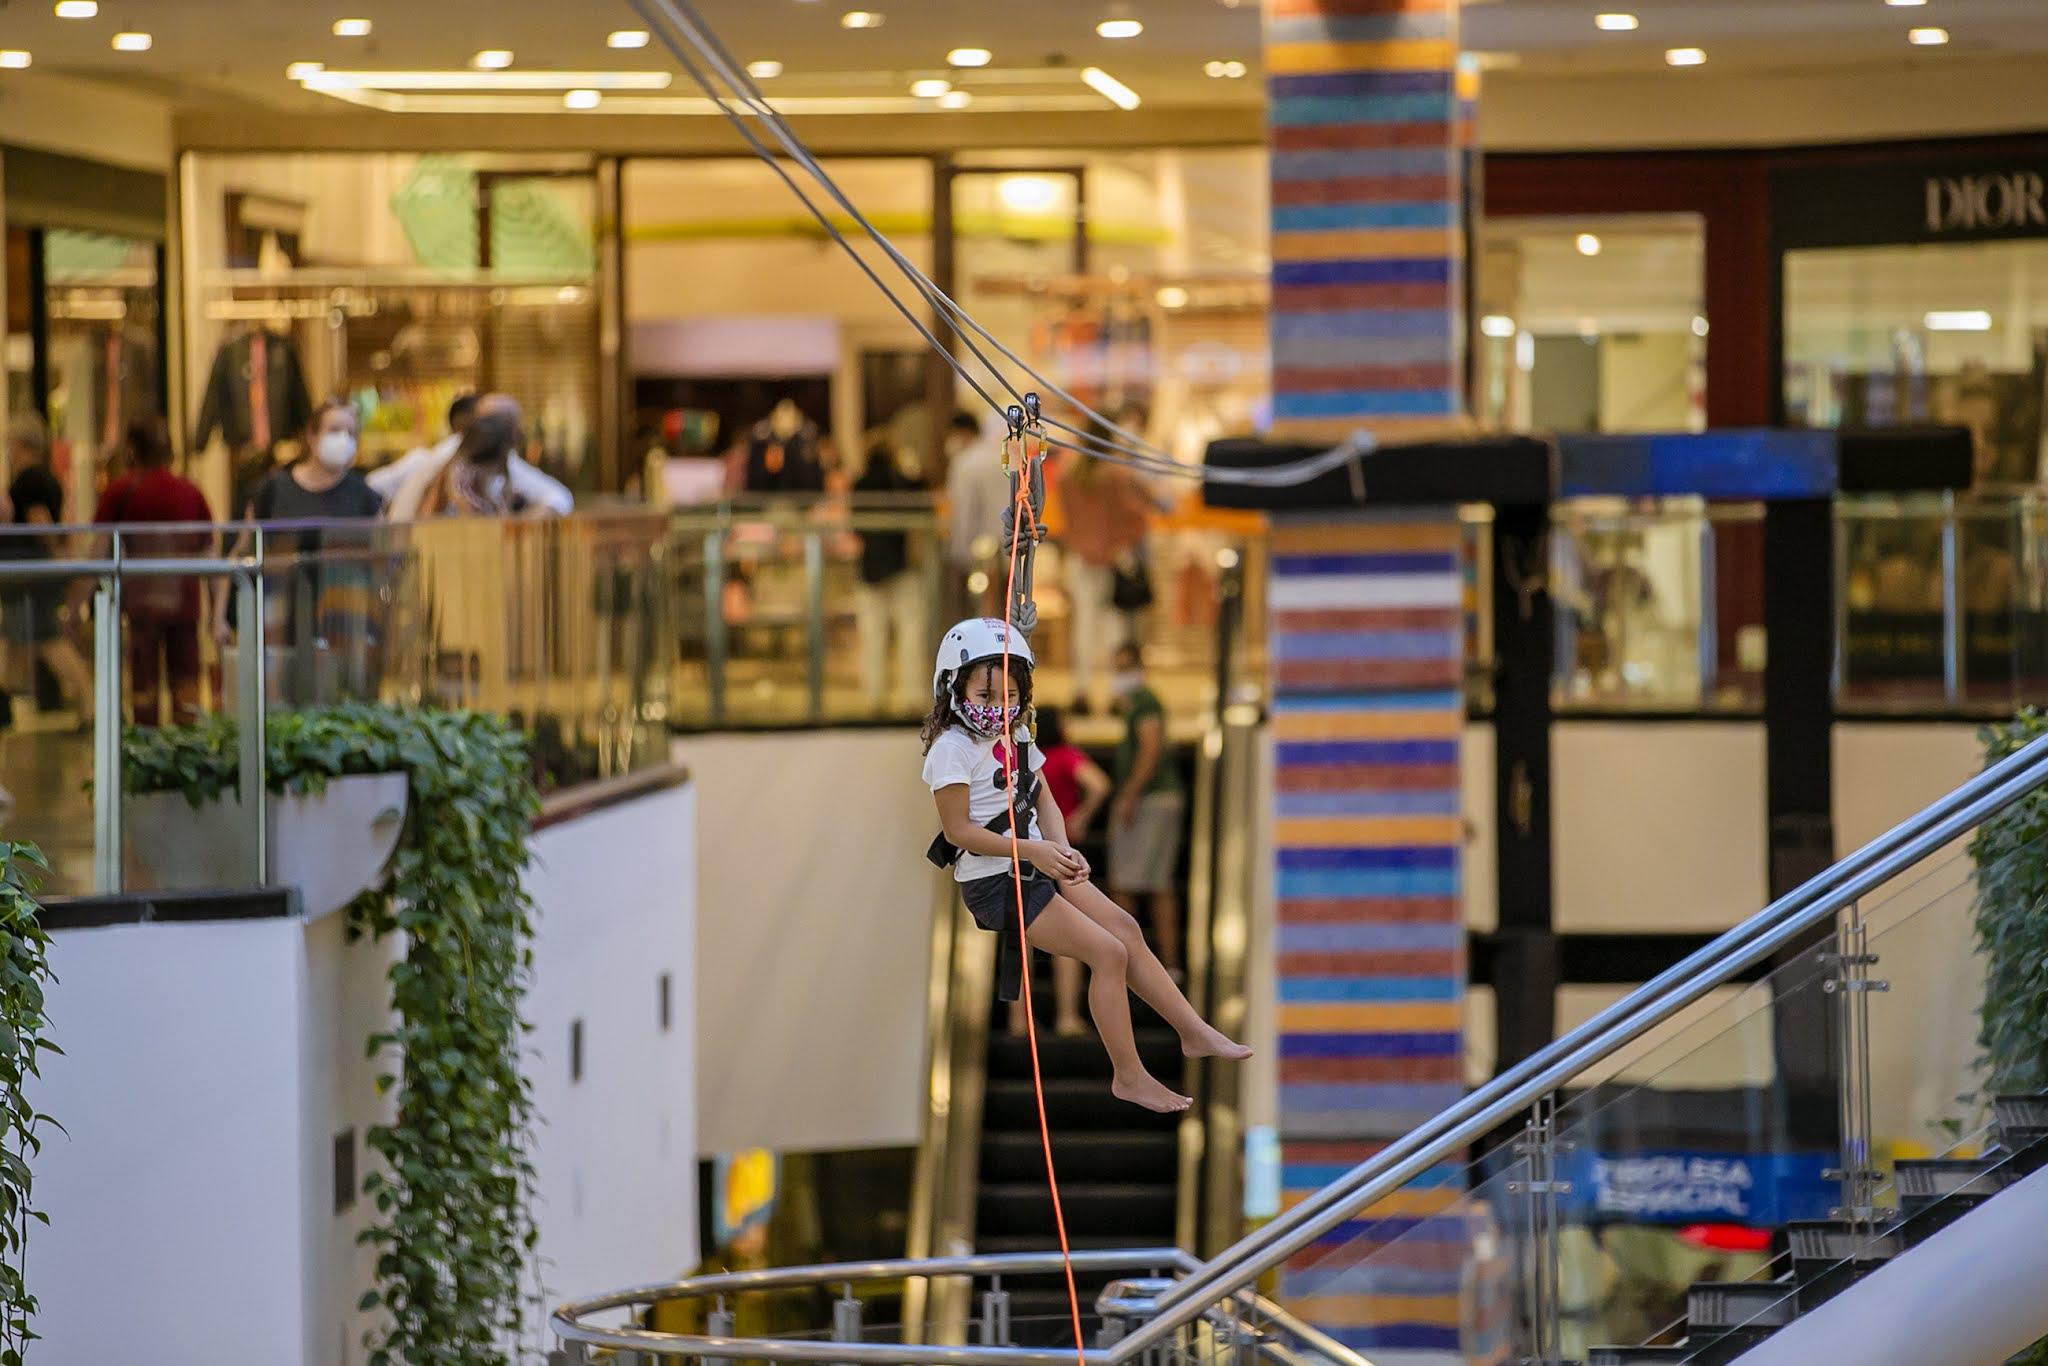 Aventura no alto: Brasília Shopping promove ação de férias com tirolesa